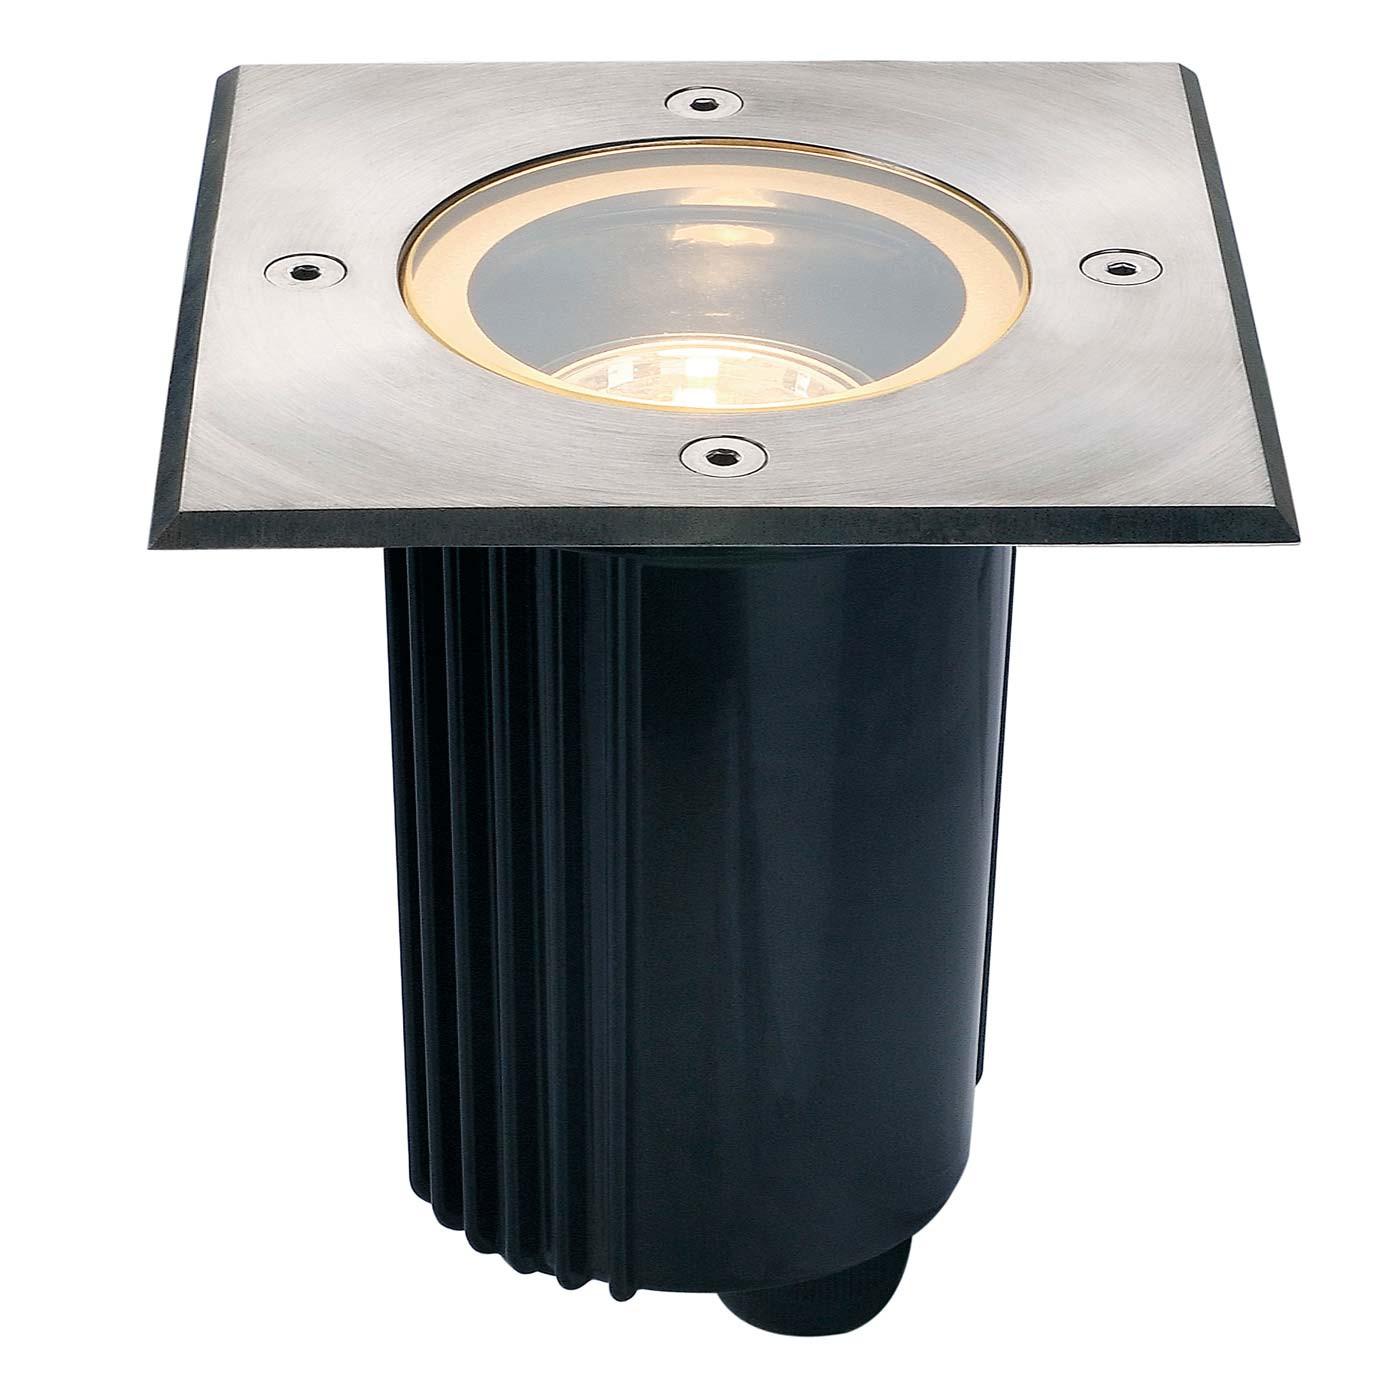 SLV Dasar 115 GU10 lampe encastrée